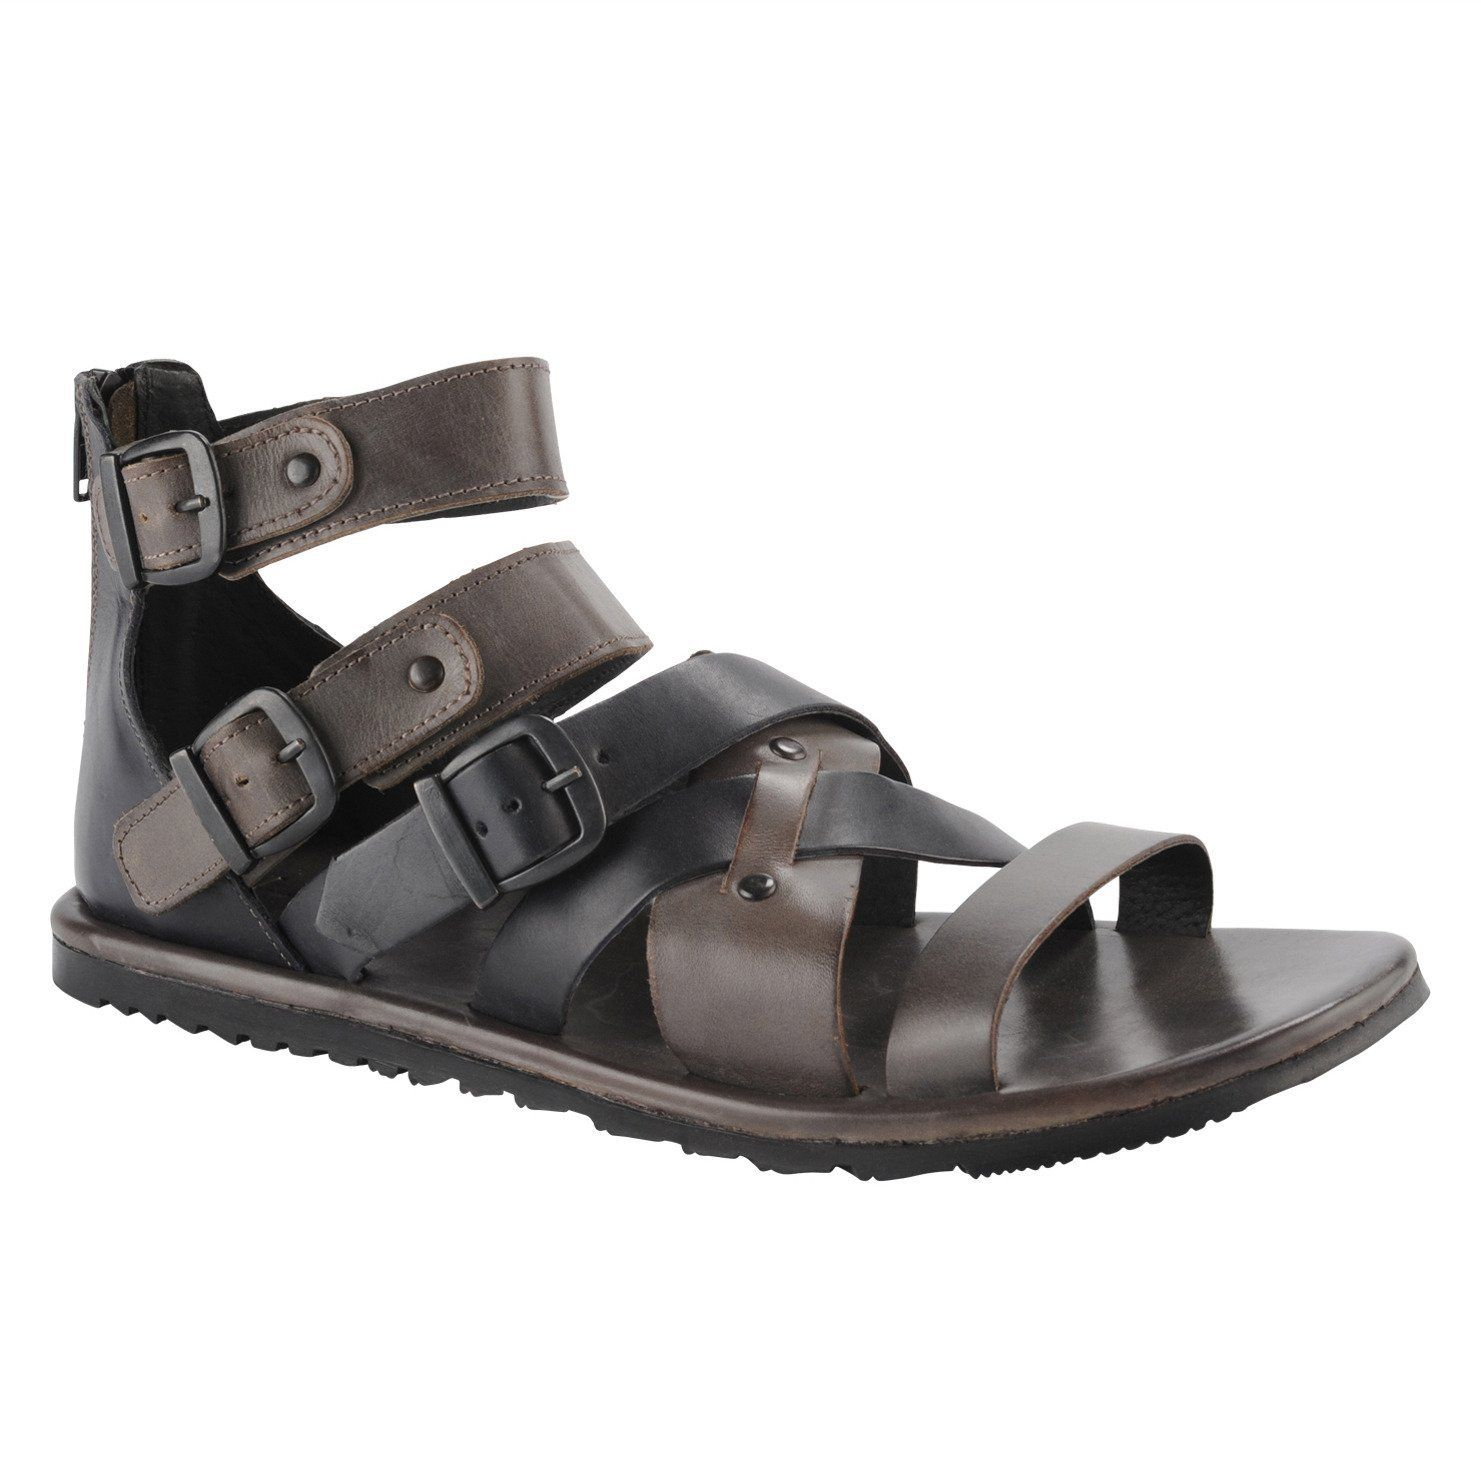 ALDO Cumpton Men Sandals Amazon ALDO Shoes